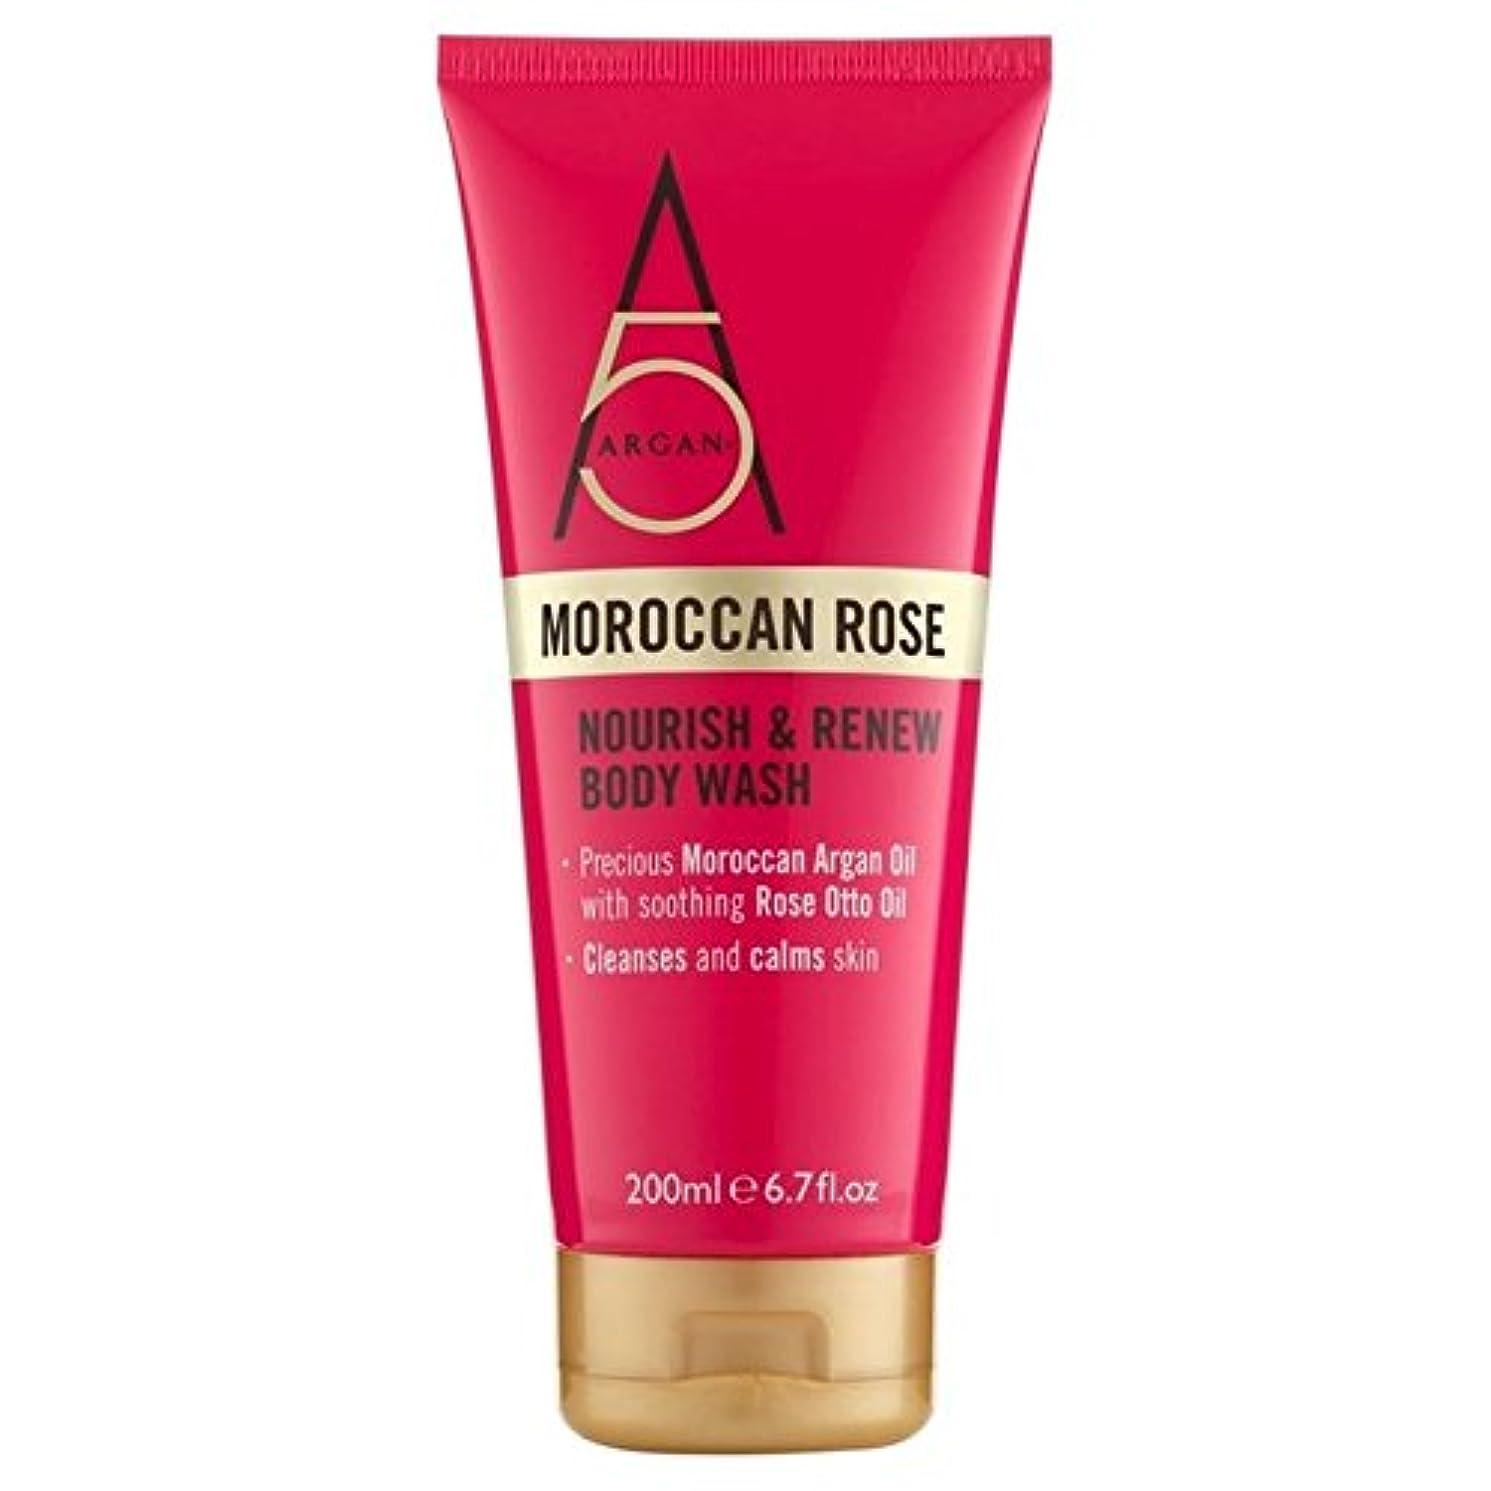 オペレーター再び社交的アルガン+モロッコは、ボディウォッシュ300ミリリットルをバラ x4 - Argan+ Moroccan Rose Body Wash 300ml (Pack of 4) [並行輸入品]